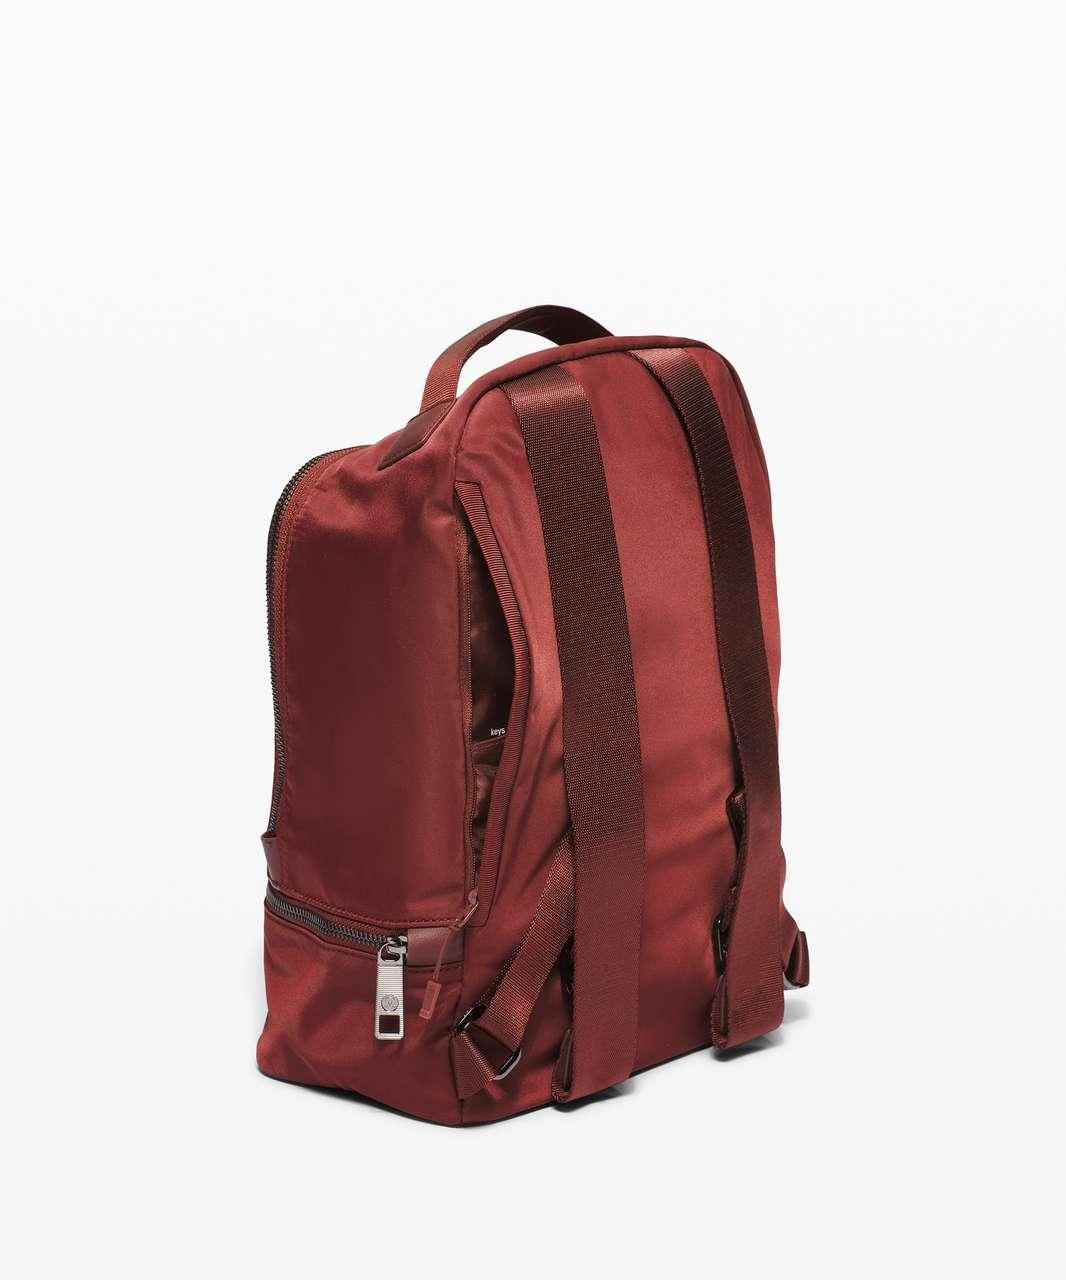 Lululemon City Adventurer Backpack Mini *10L - Savannah